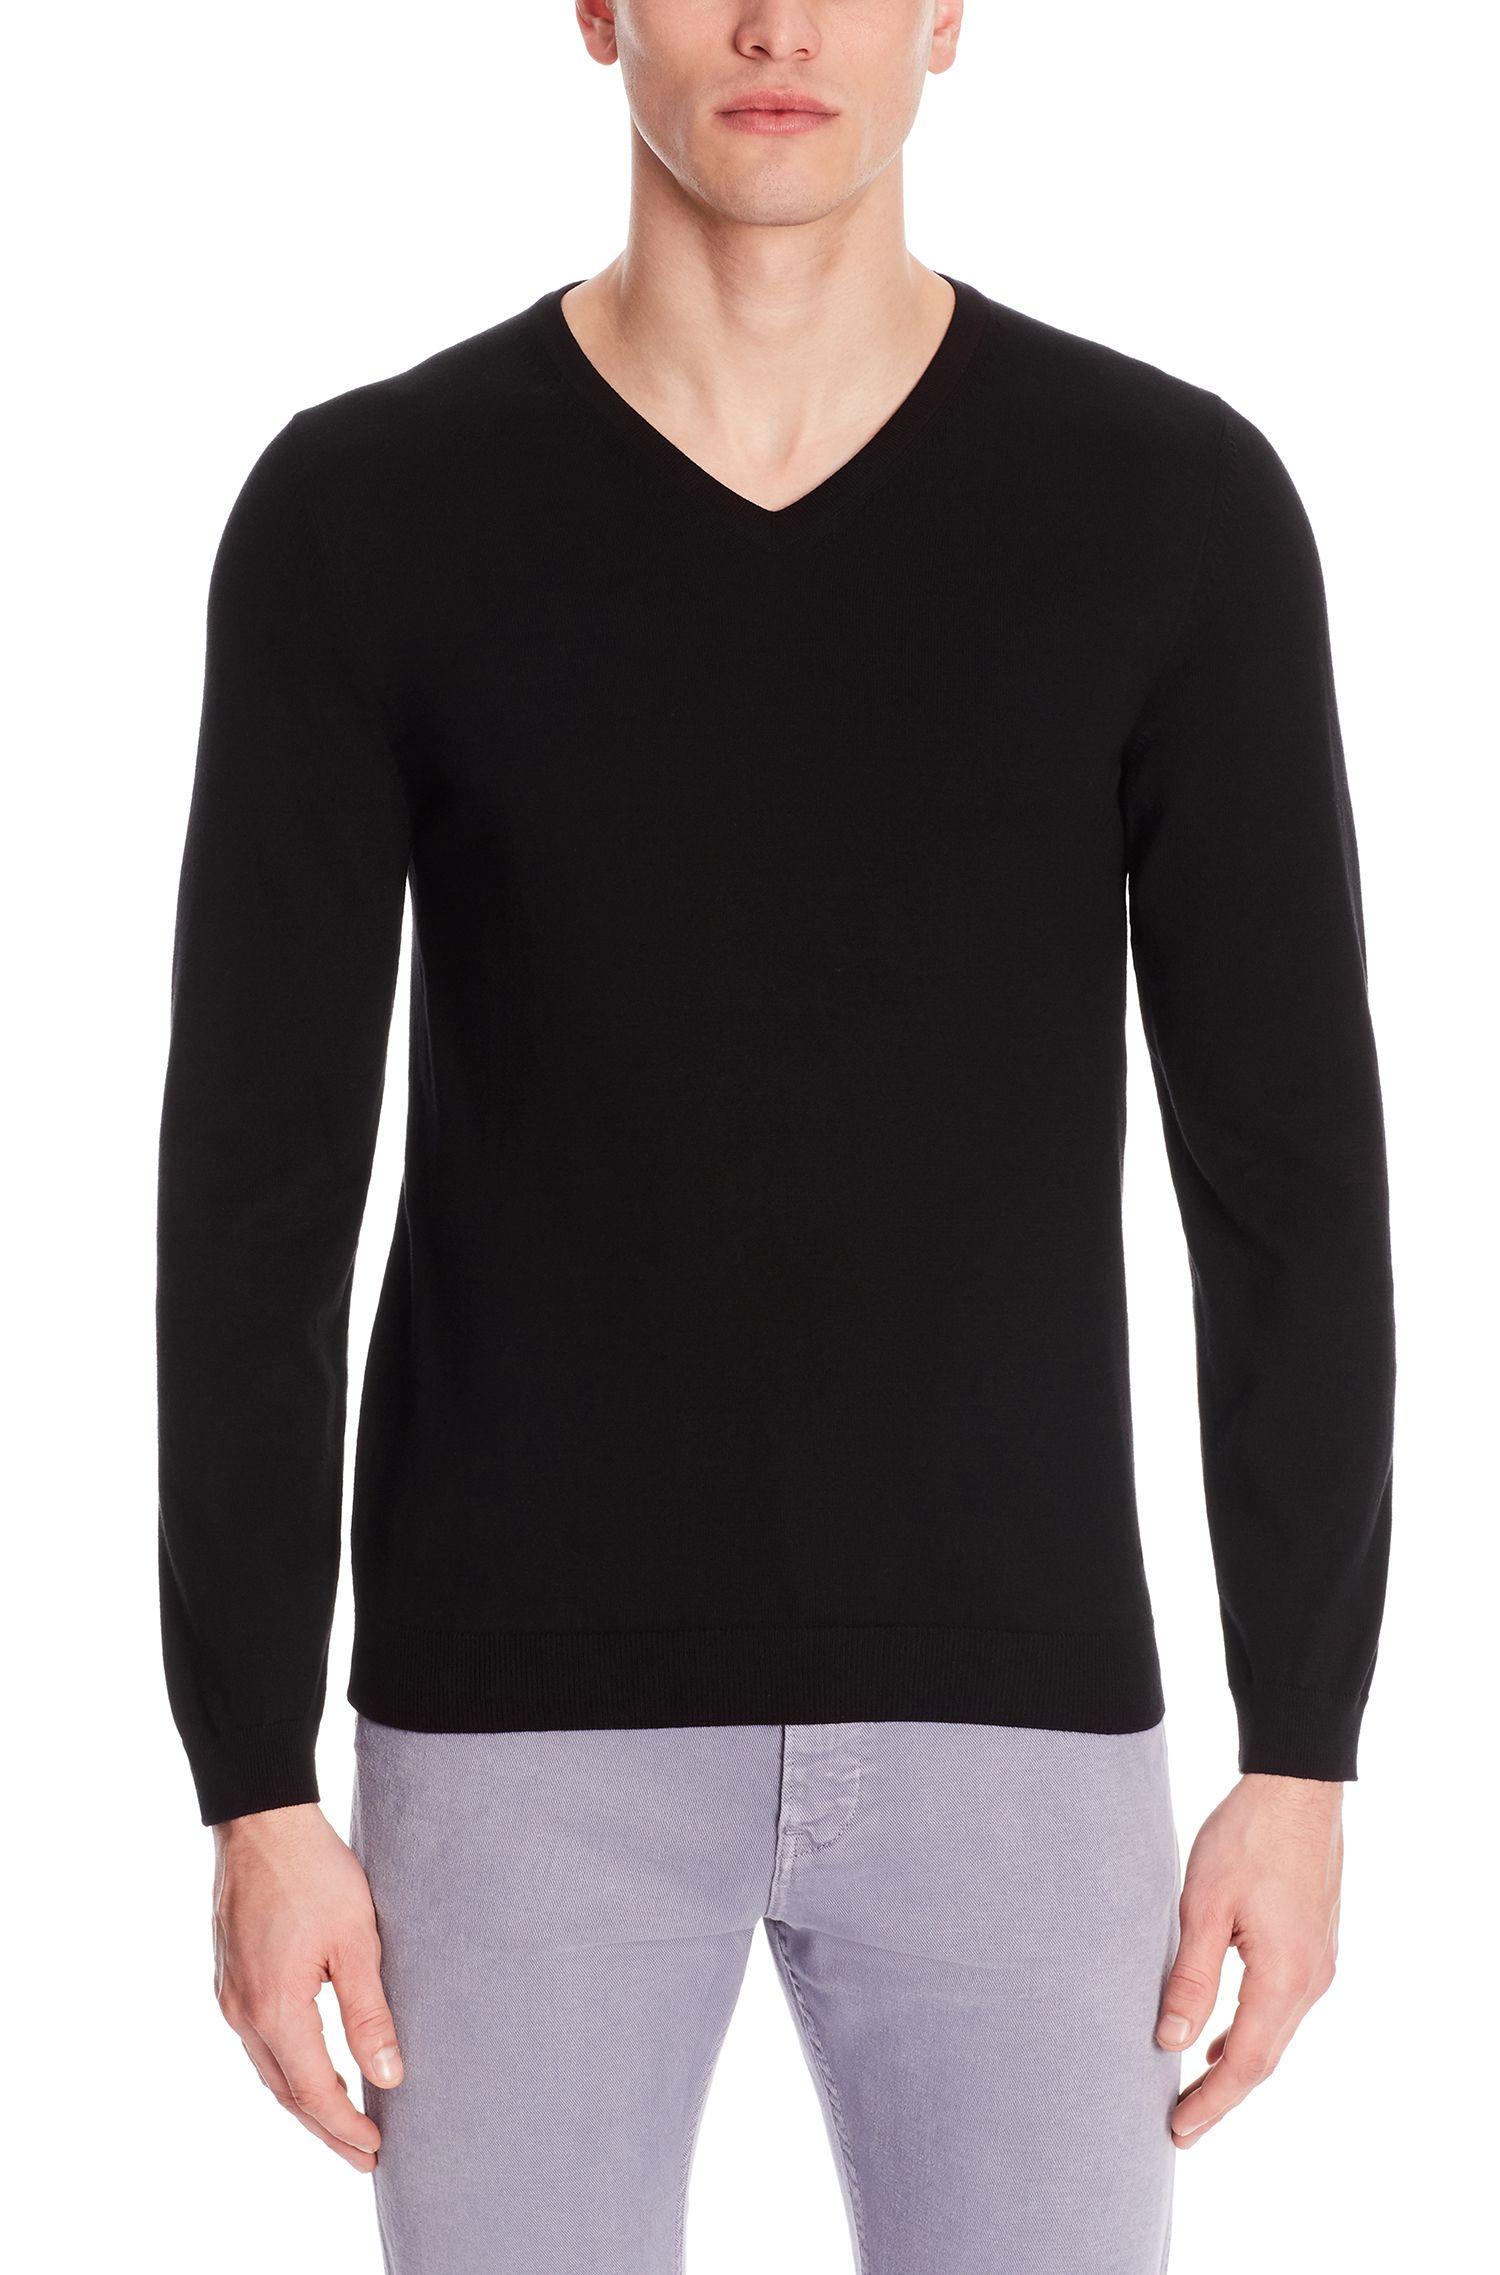 'Fioro' | Italian Cotton V-Neck Sweater